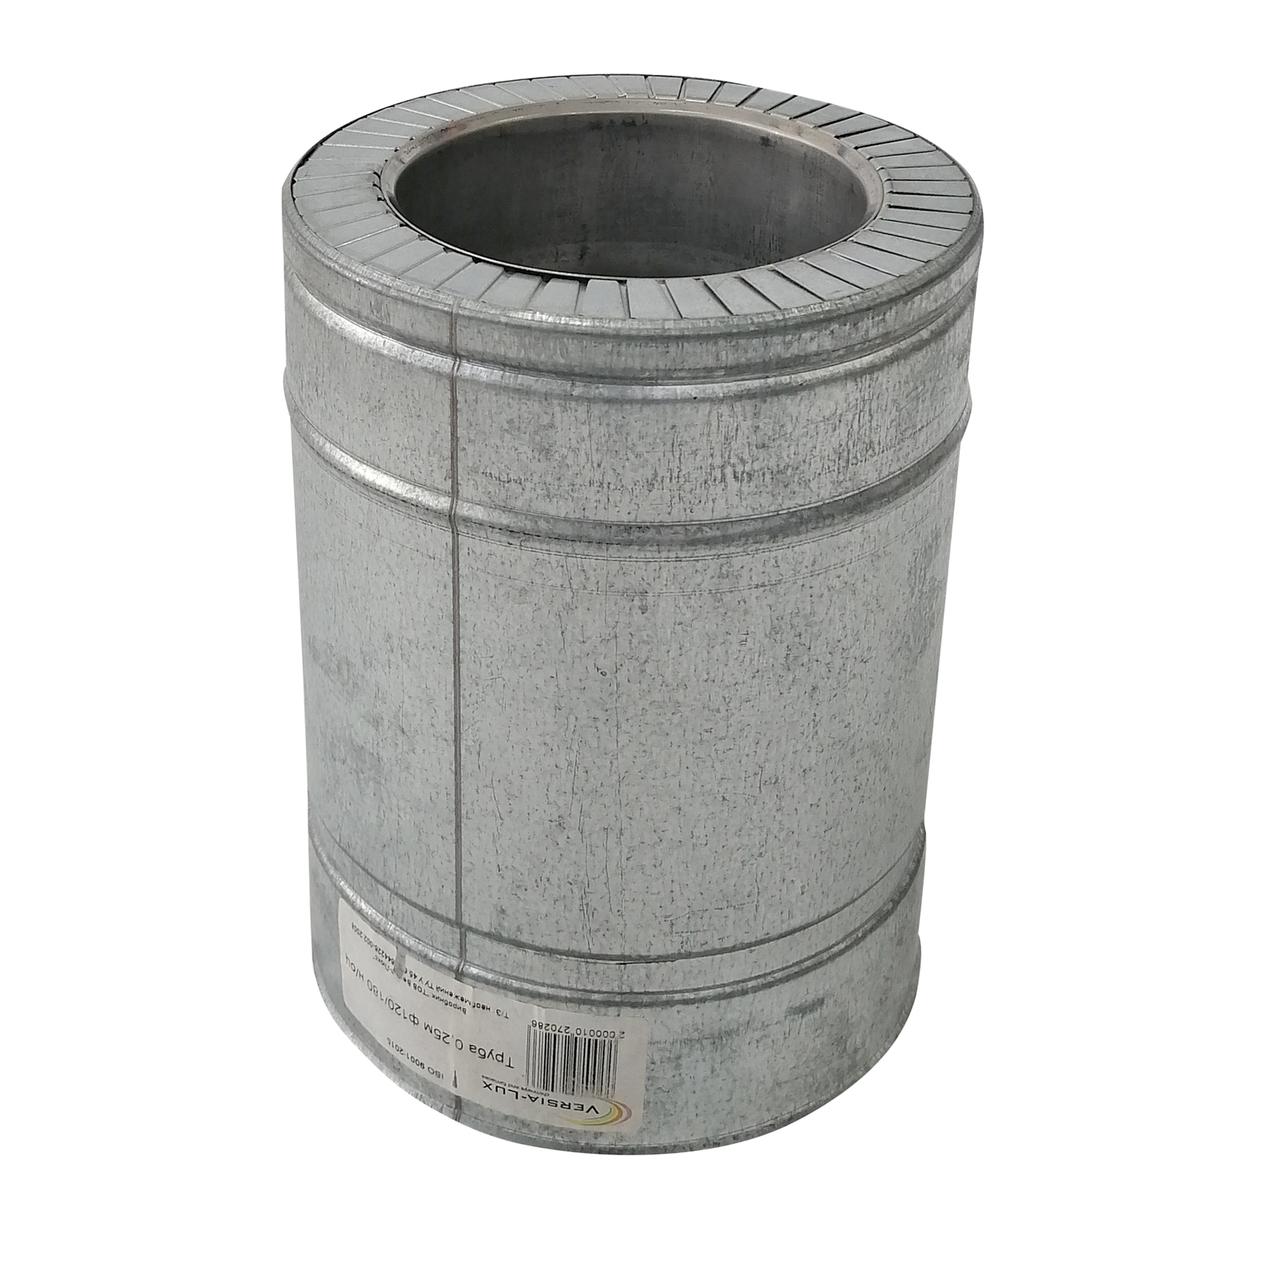 Труба дымоходная сэндвич d 220 мм; 0,8 мм; AISI 304; 25 см; нержавейка/оцинковка - «Версия Люкс»